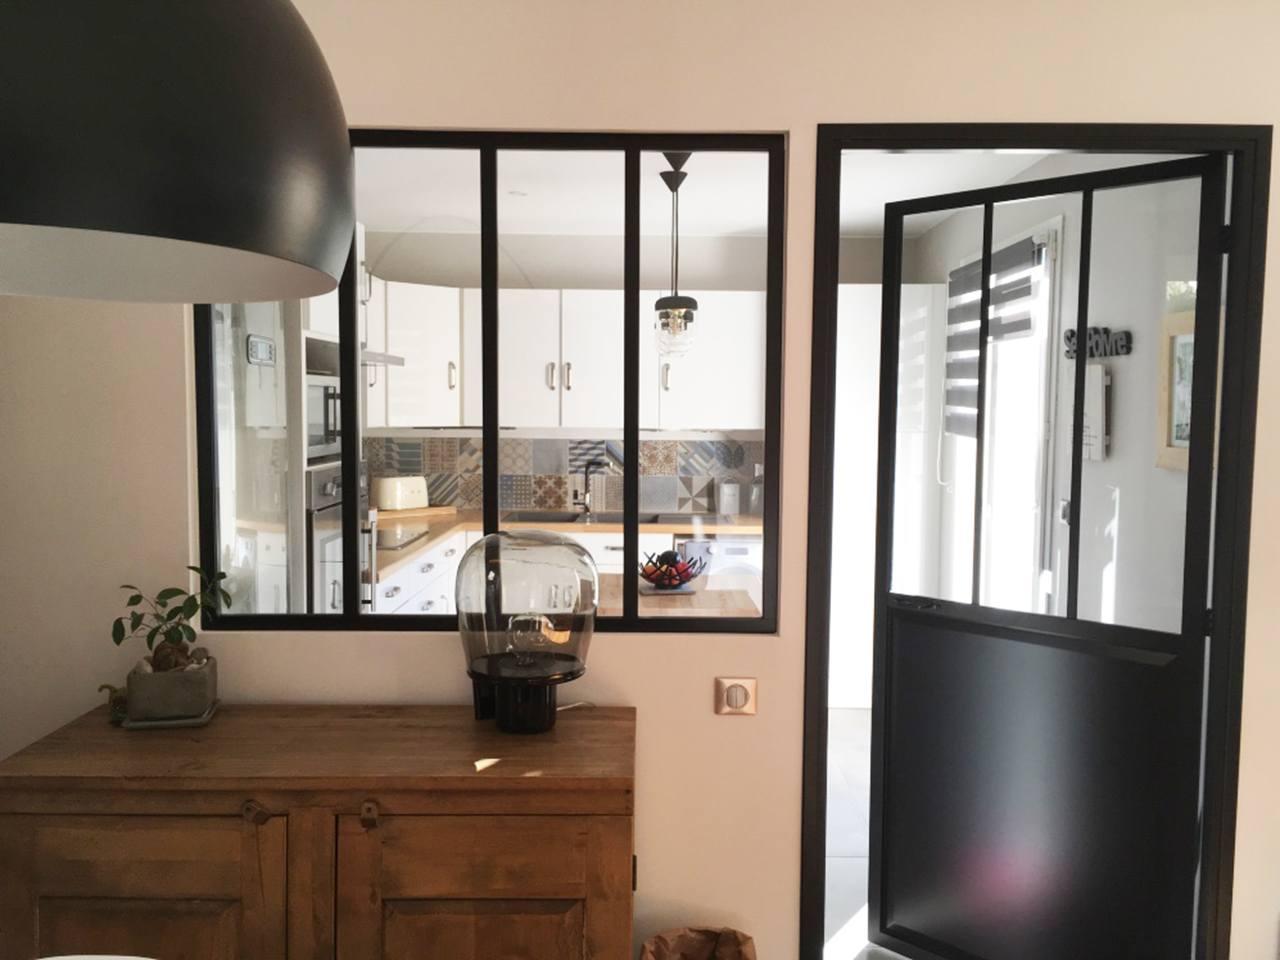 Verri re atelier cuisine p gomas smaltdesign for Verriere cuisine atelier